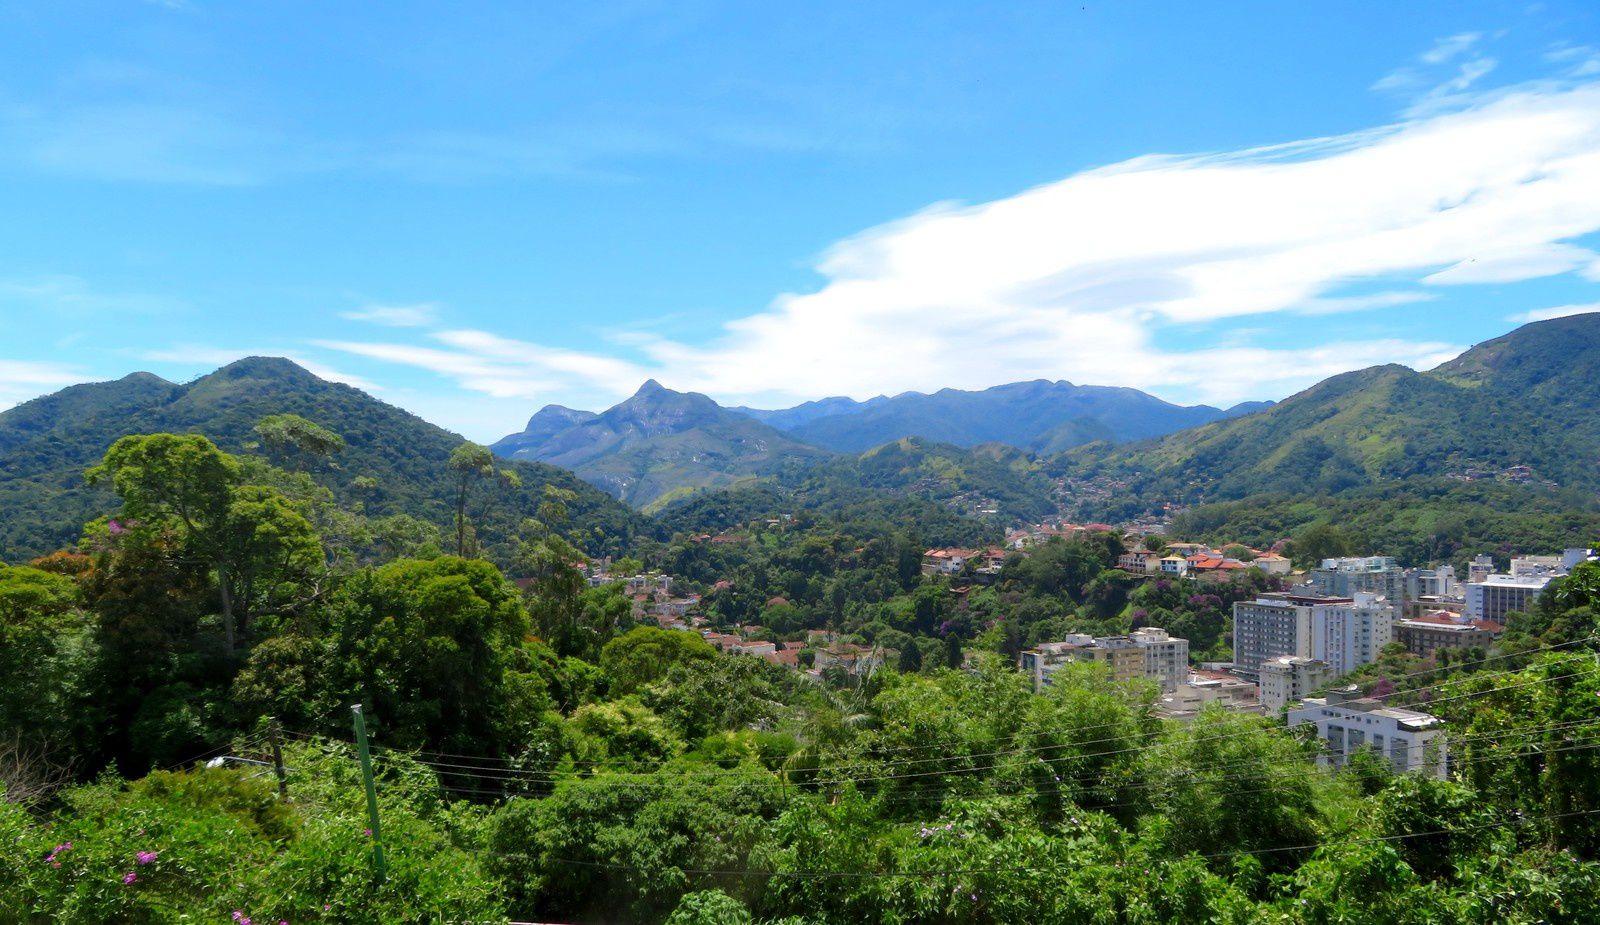 La banlieue carioca, Petropolis et Ilha Grande: famille royale et tortue